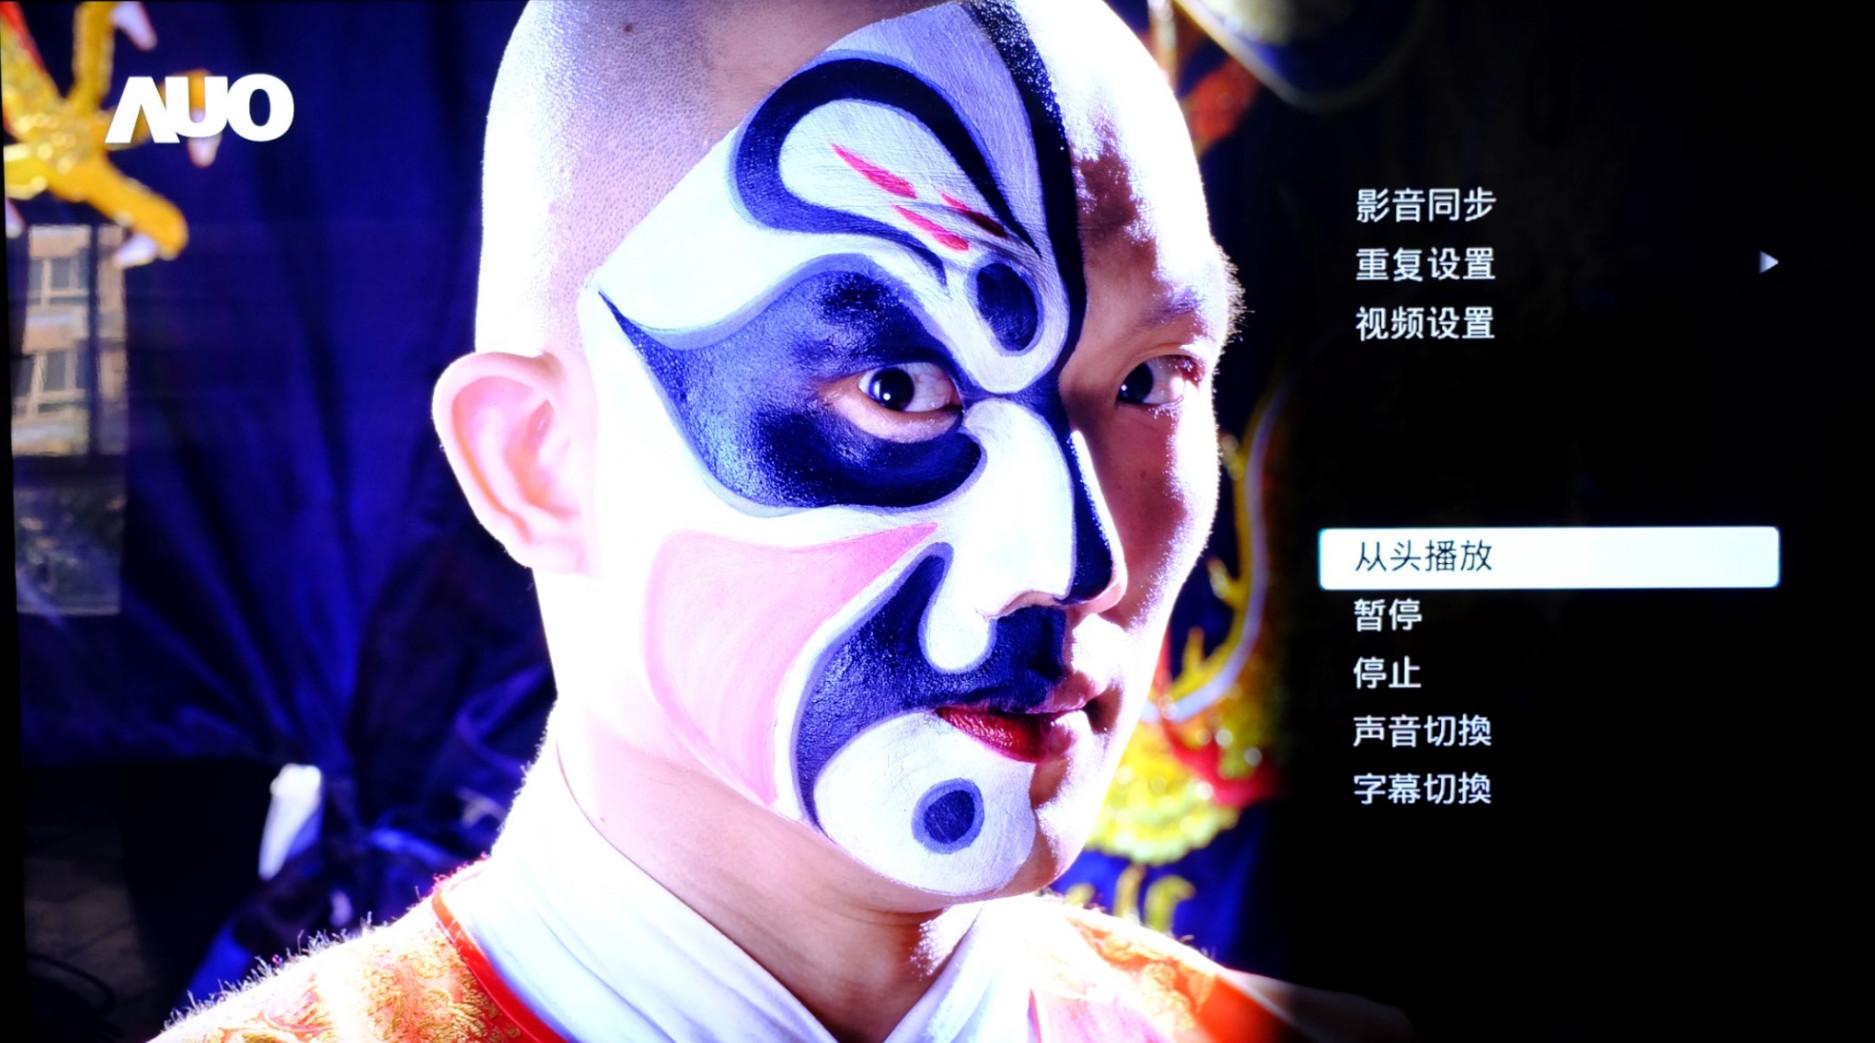 图片24_副本.jpg